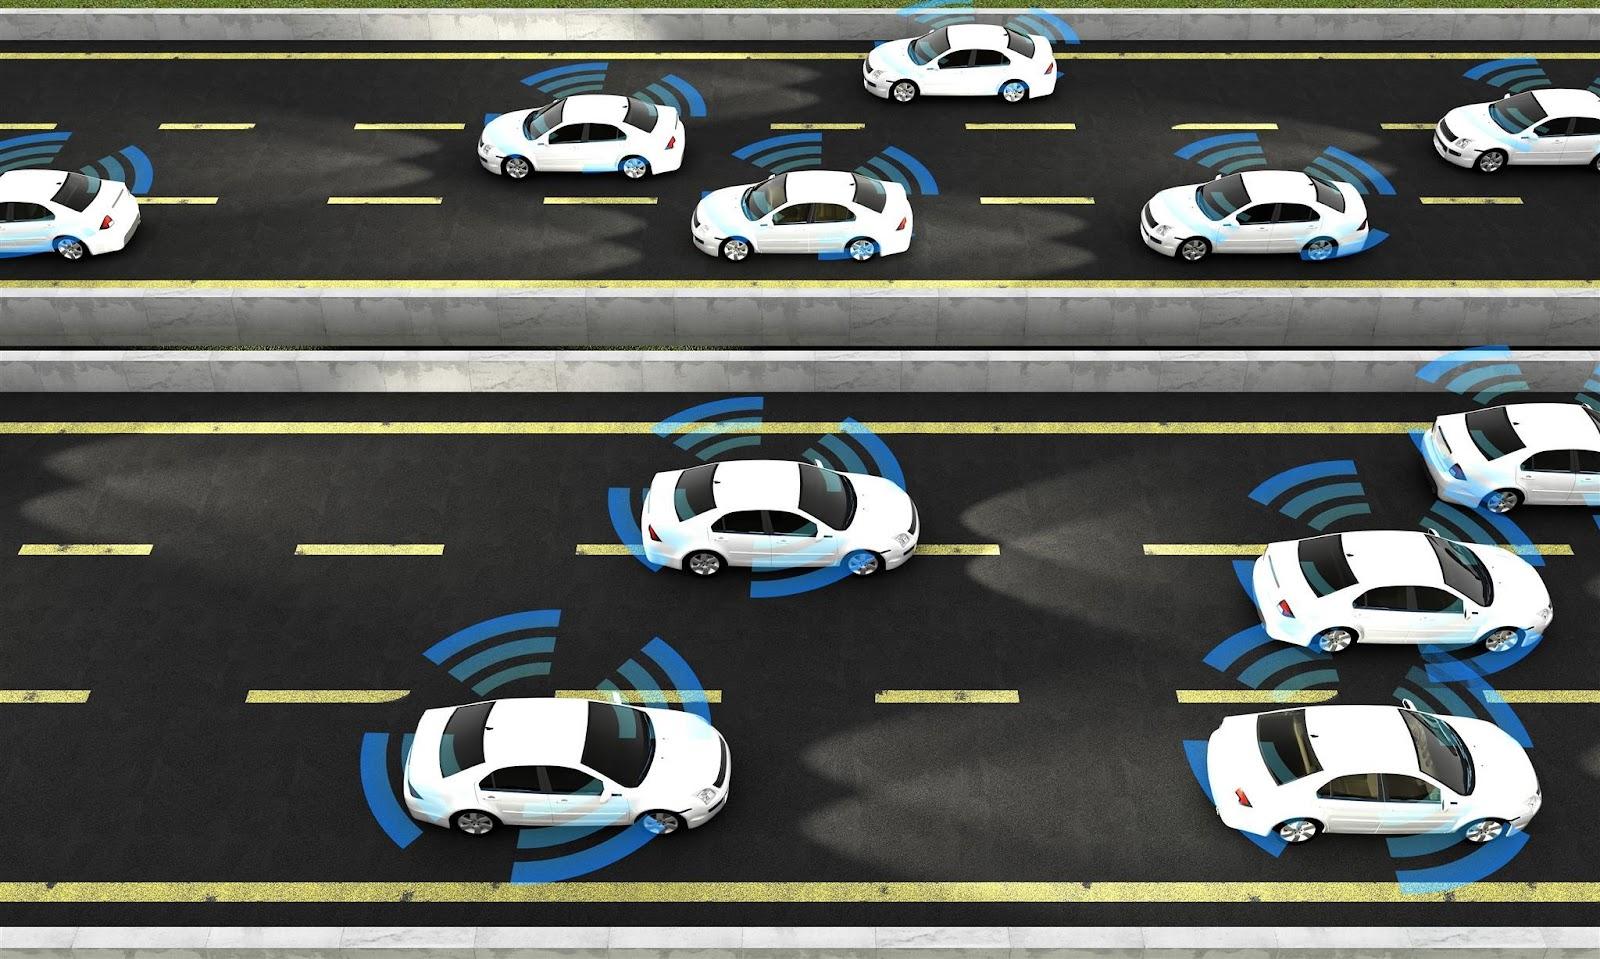 wireless vehicle communication